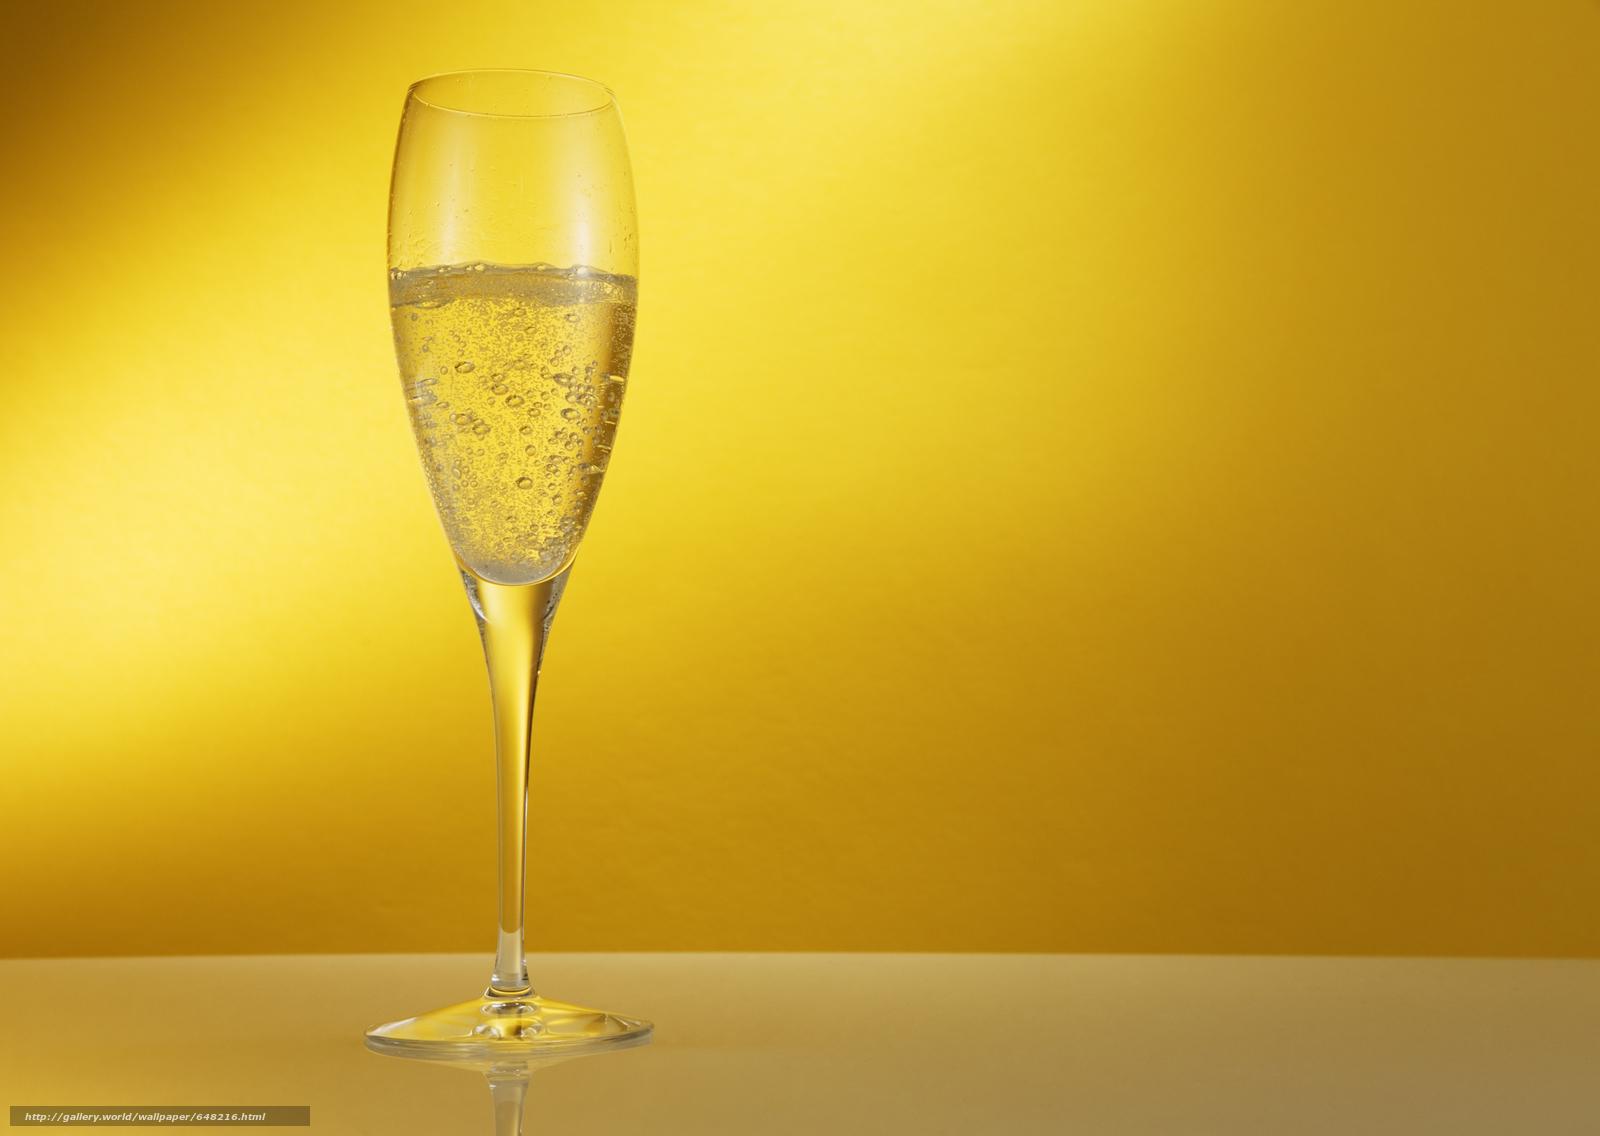 scaricare gli sfondi Bicchiere di vino,  vino,  alcol,  alcol Sfondi gratis per la risoluzione del desktop 2950x2094 — immagine №648216